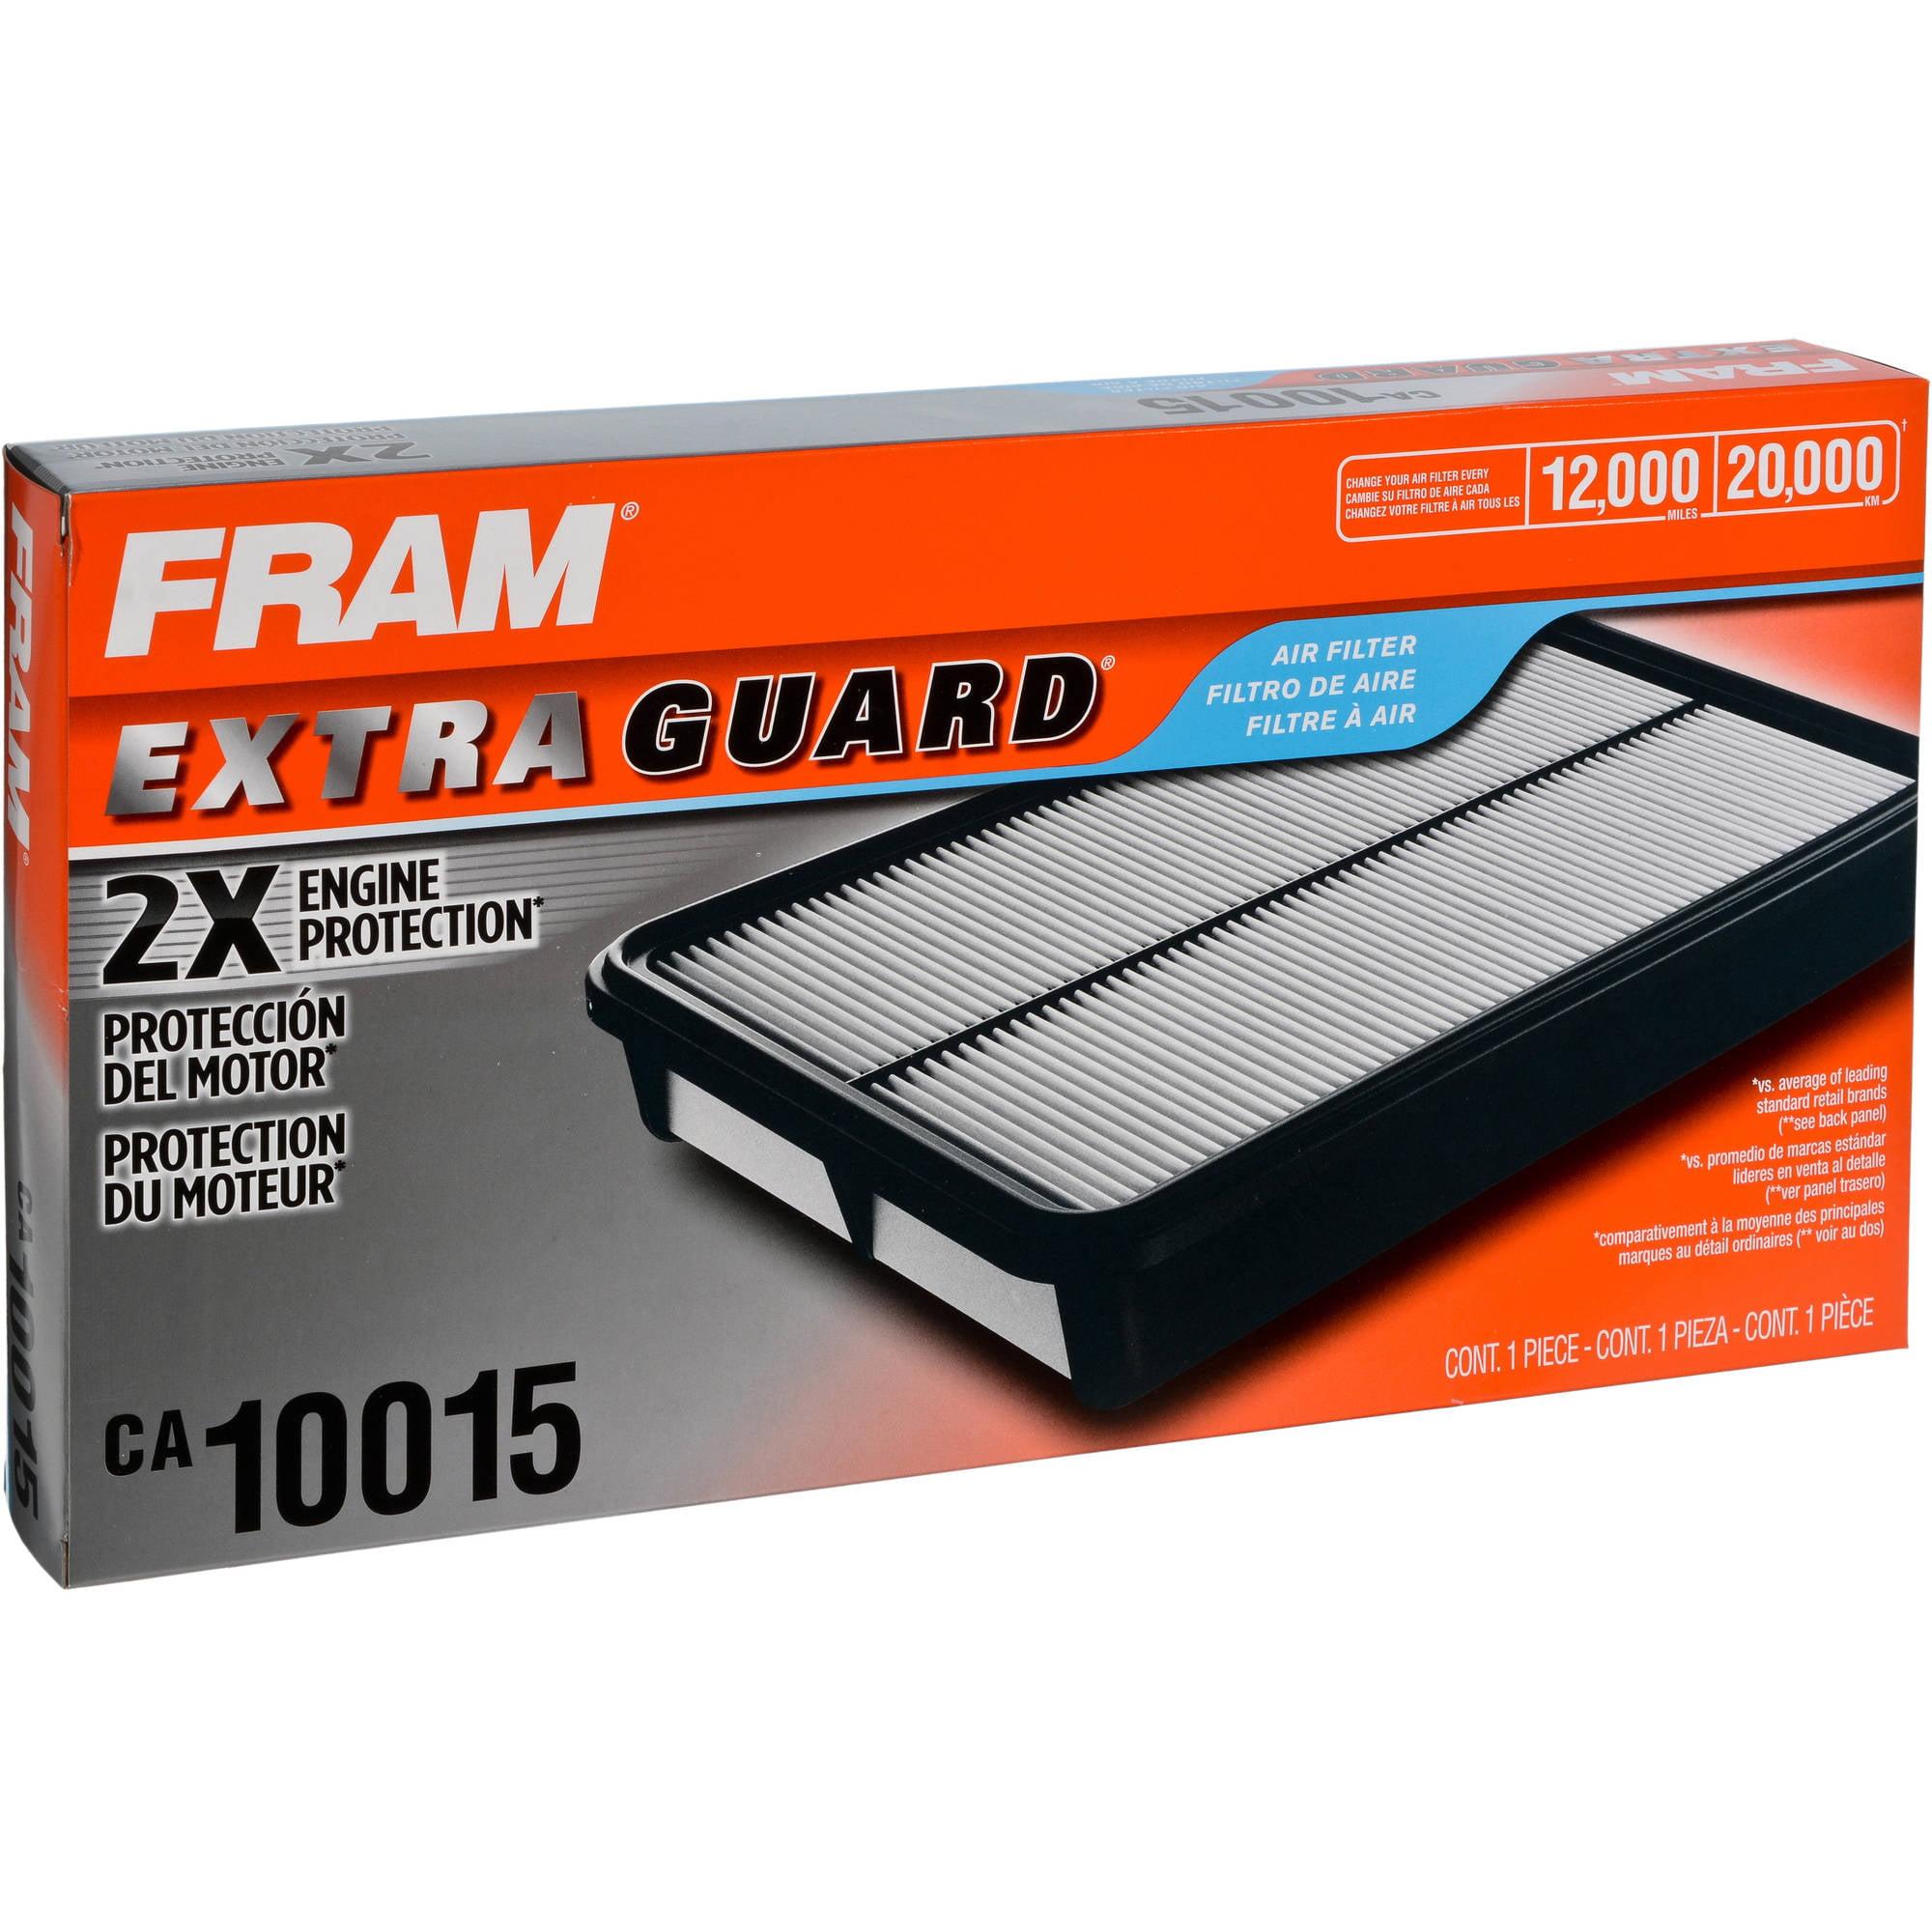 FRAM Extra Guard Air Filter, CA10015 by FRAM